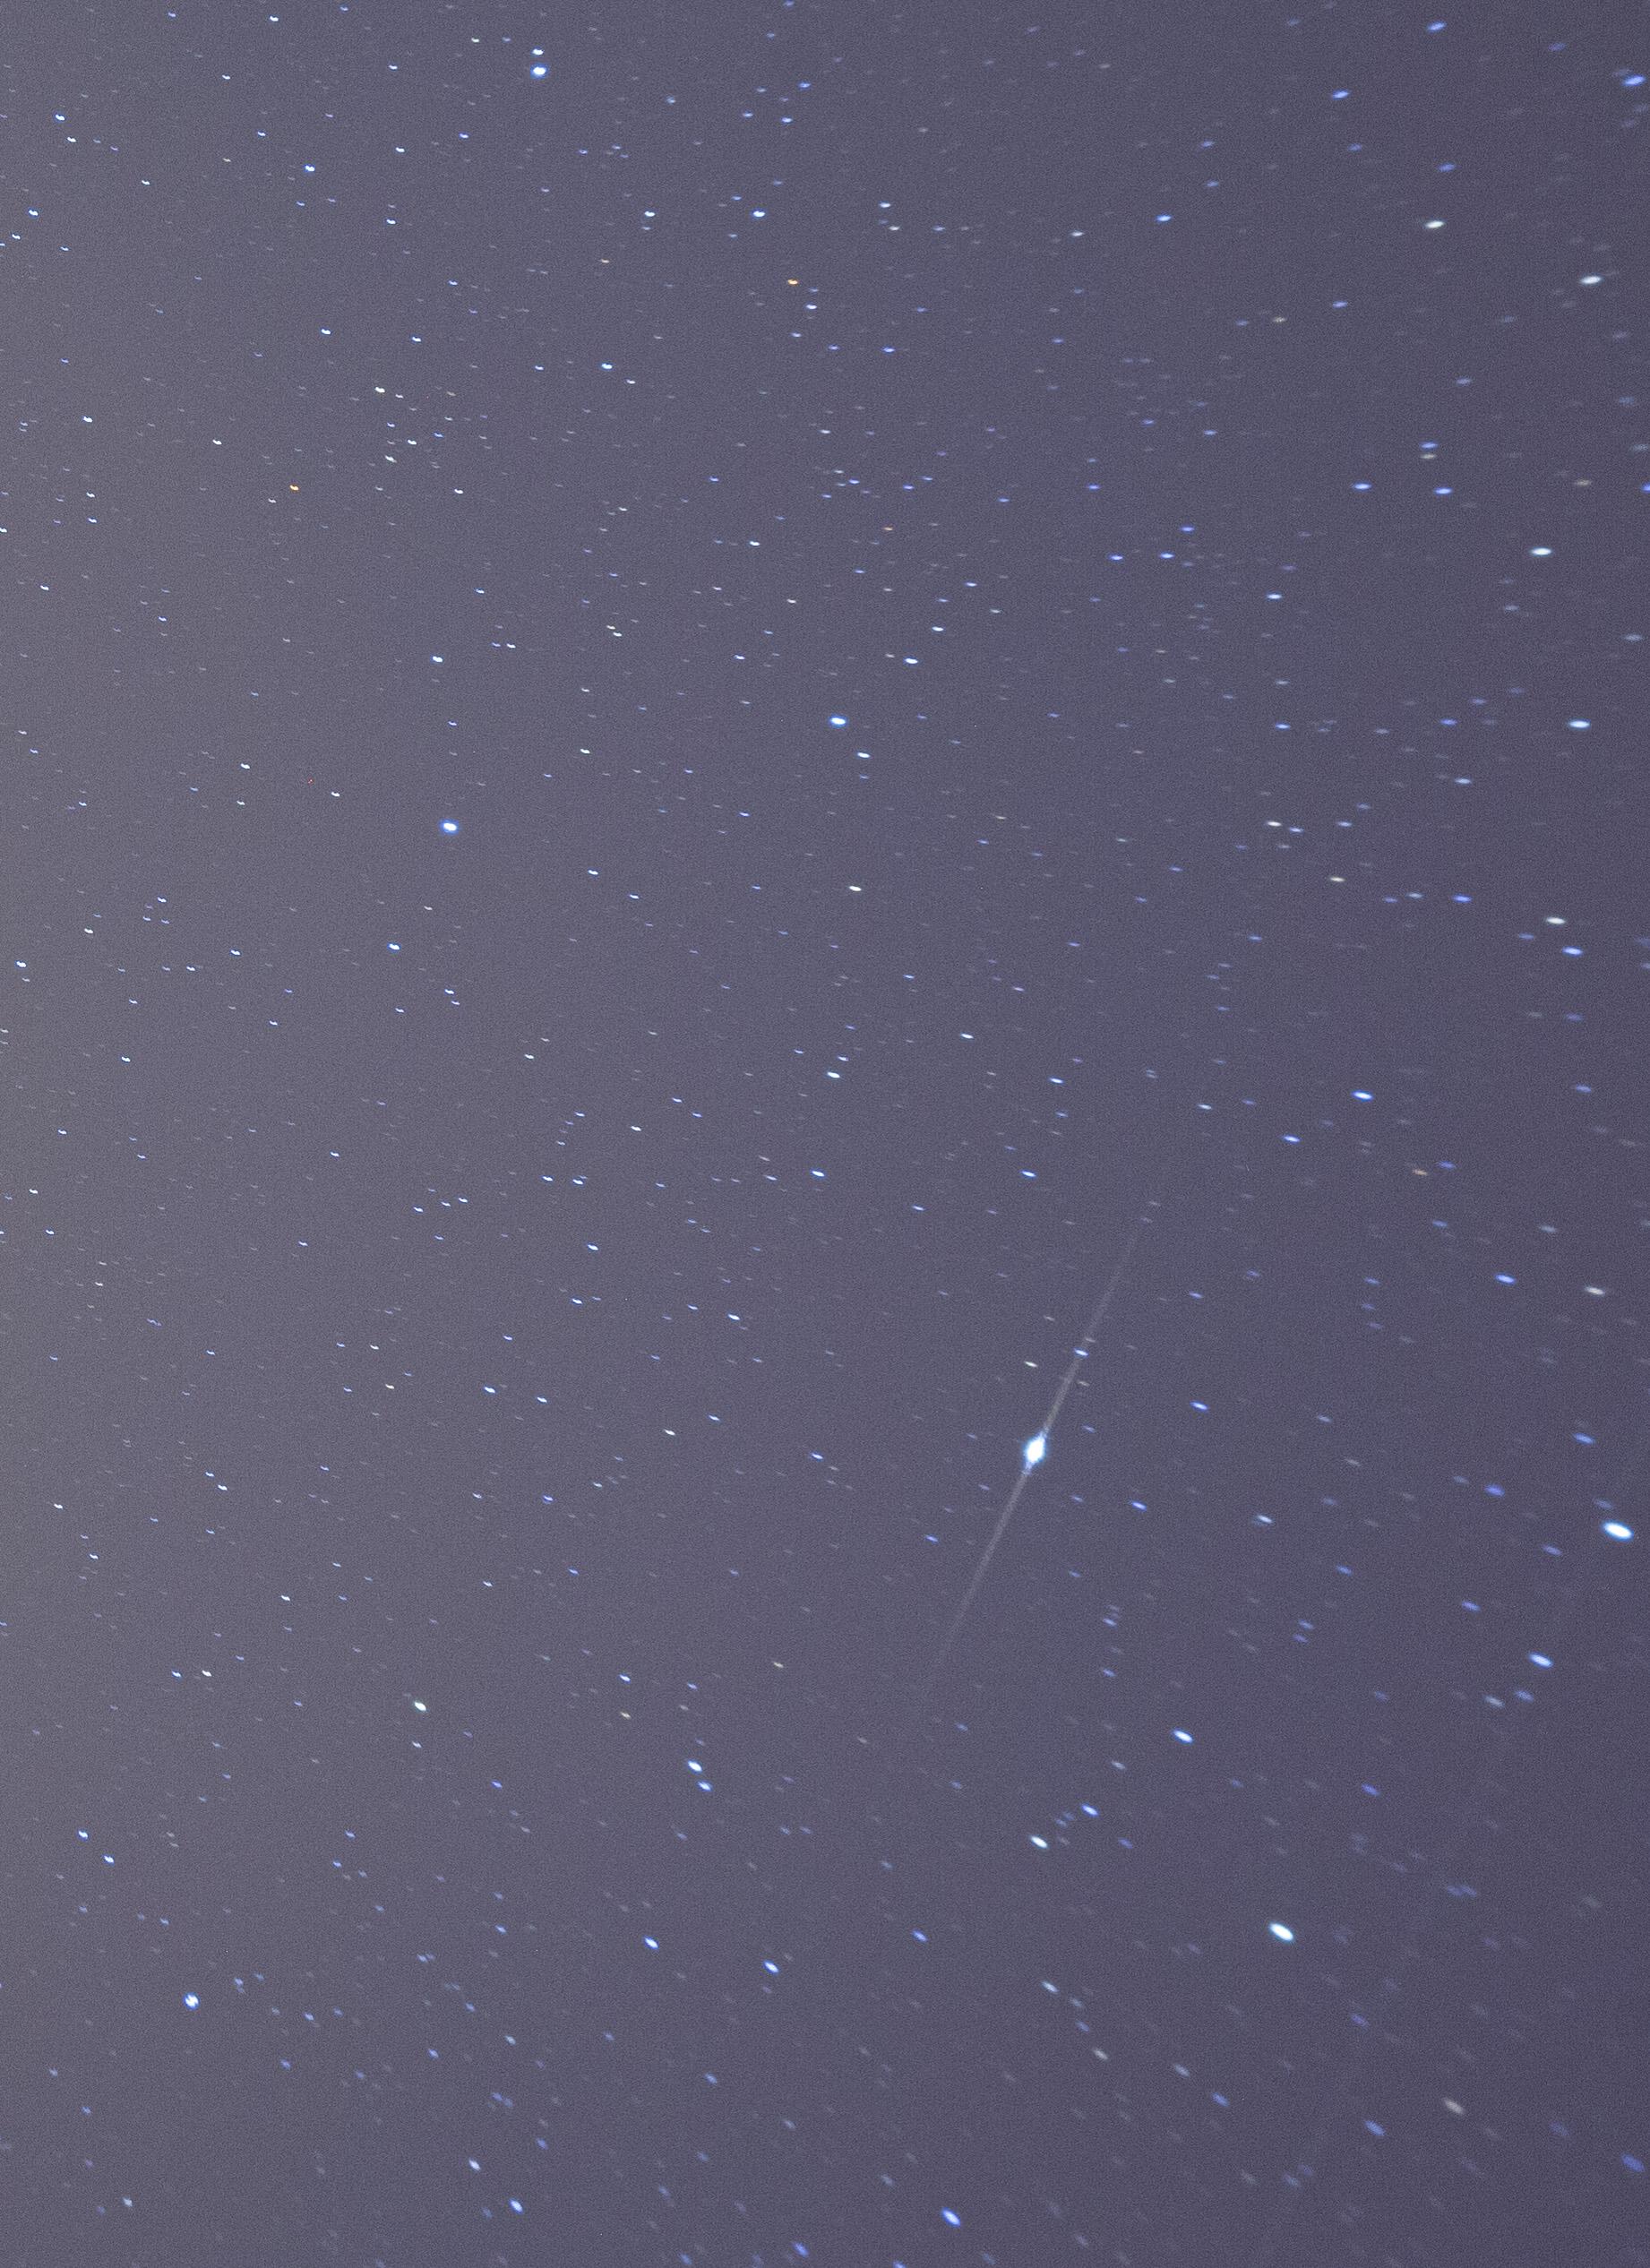 天琴座流星雨 Liridi